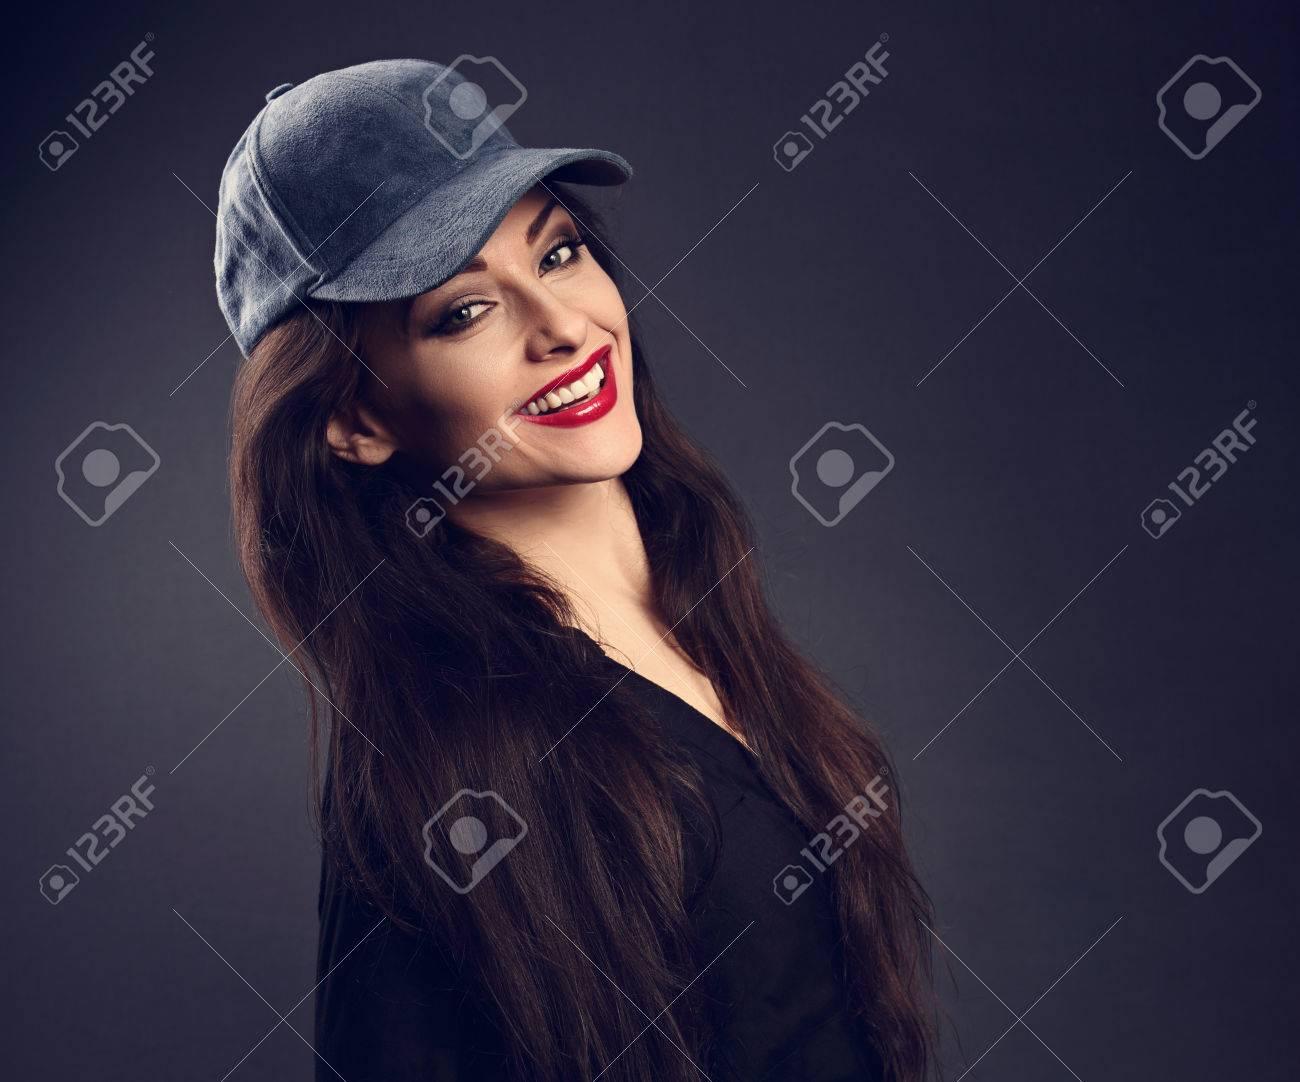 674bd312f5a1 Feliz toothy sonriente mujer morena hermosa en gorra de béisbol azul con  estilo de pelo largo en la moda camisa negra mirando en el fondo de sombra  ...